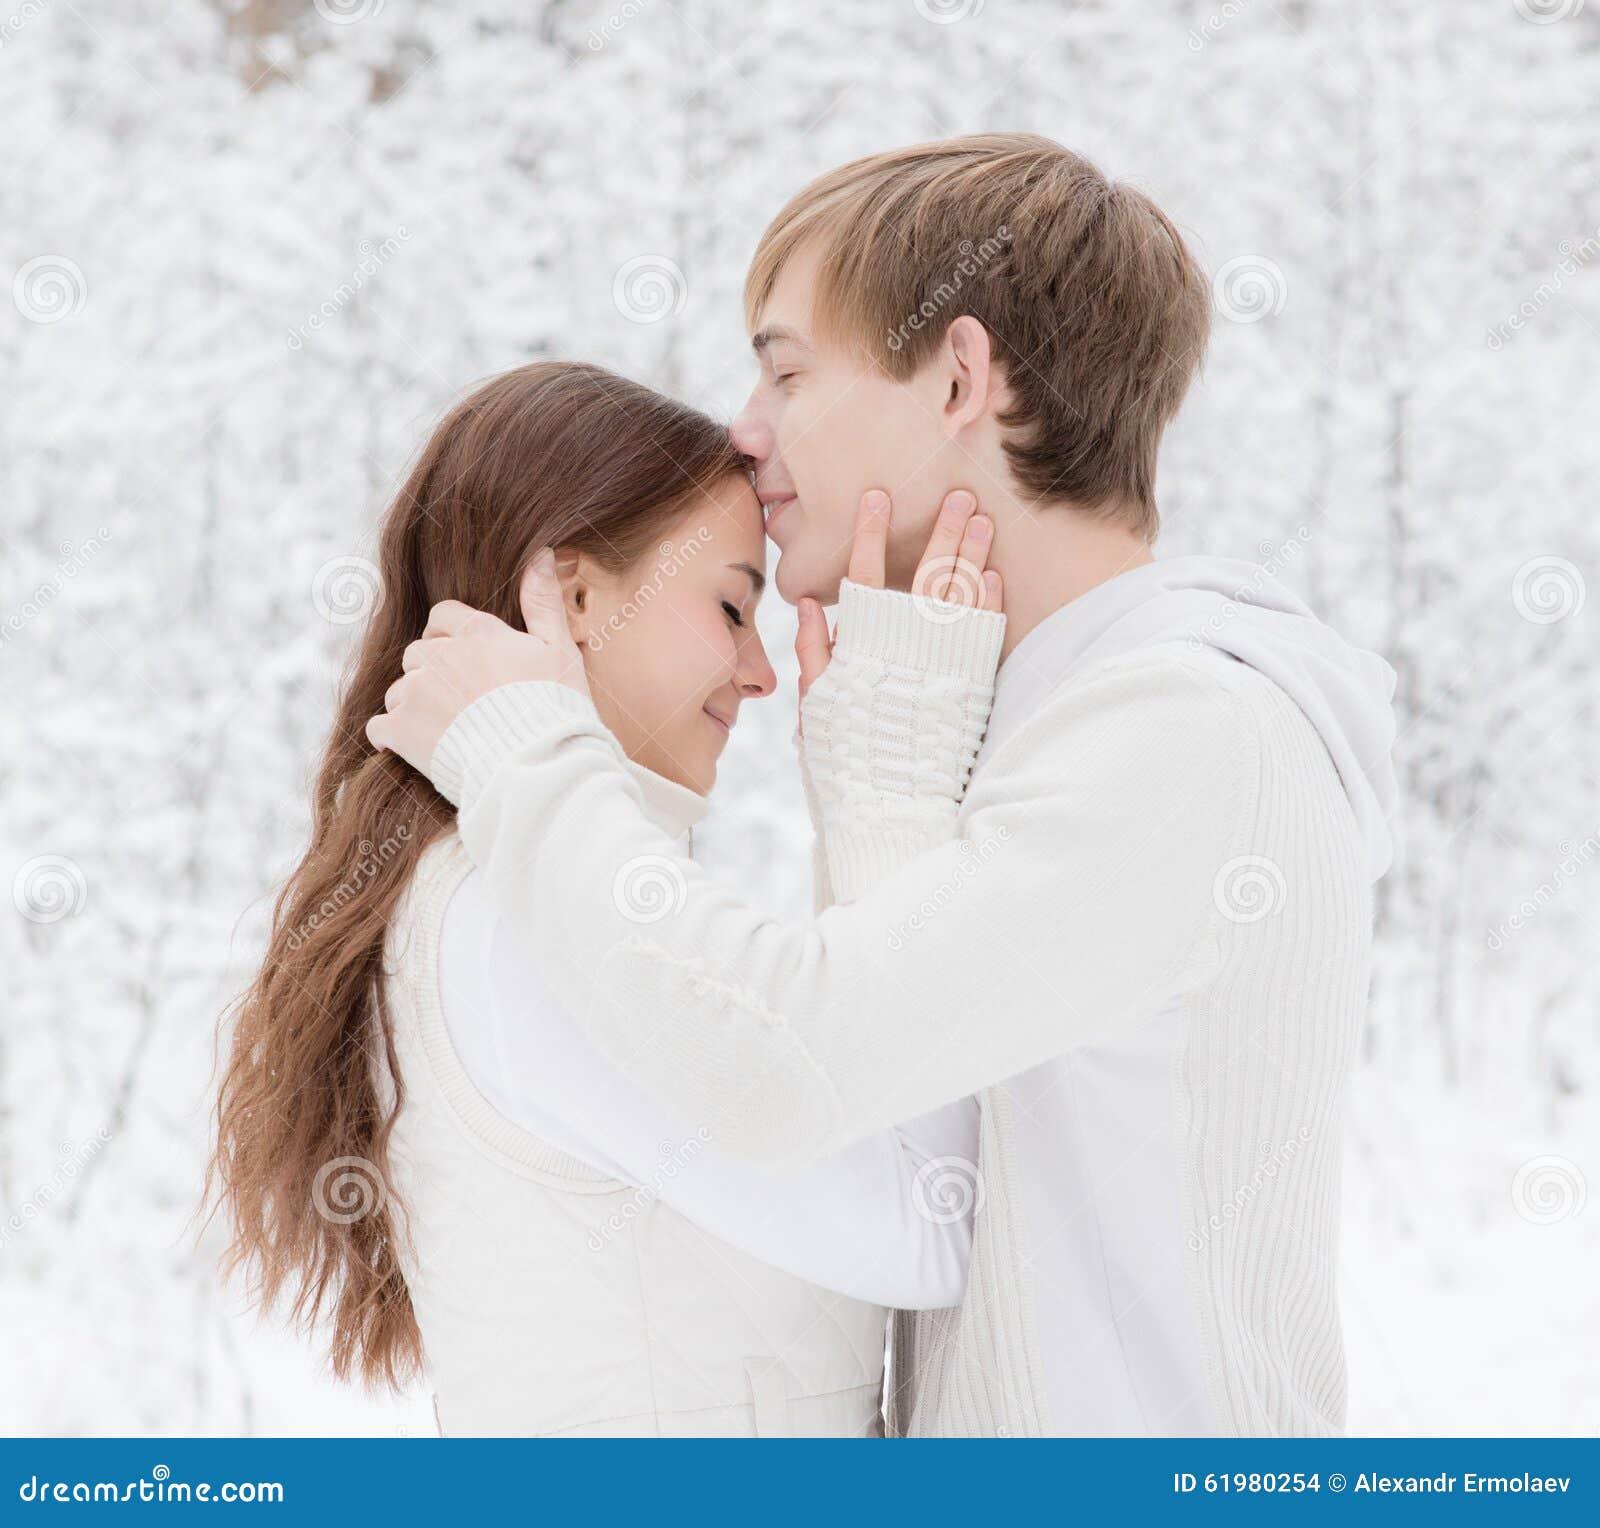 Смотреть как лижутся две девушки, все ебало в сперме фото